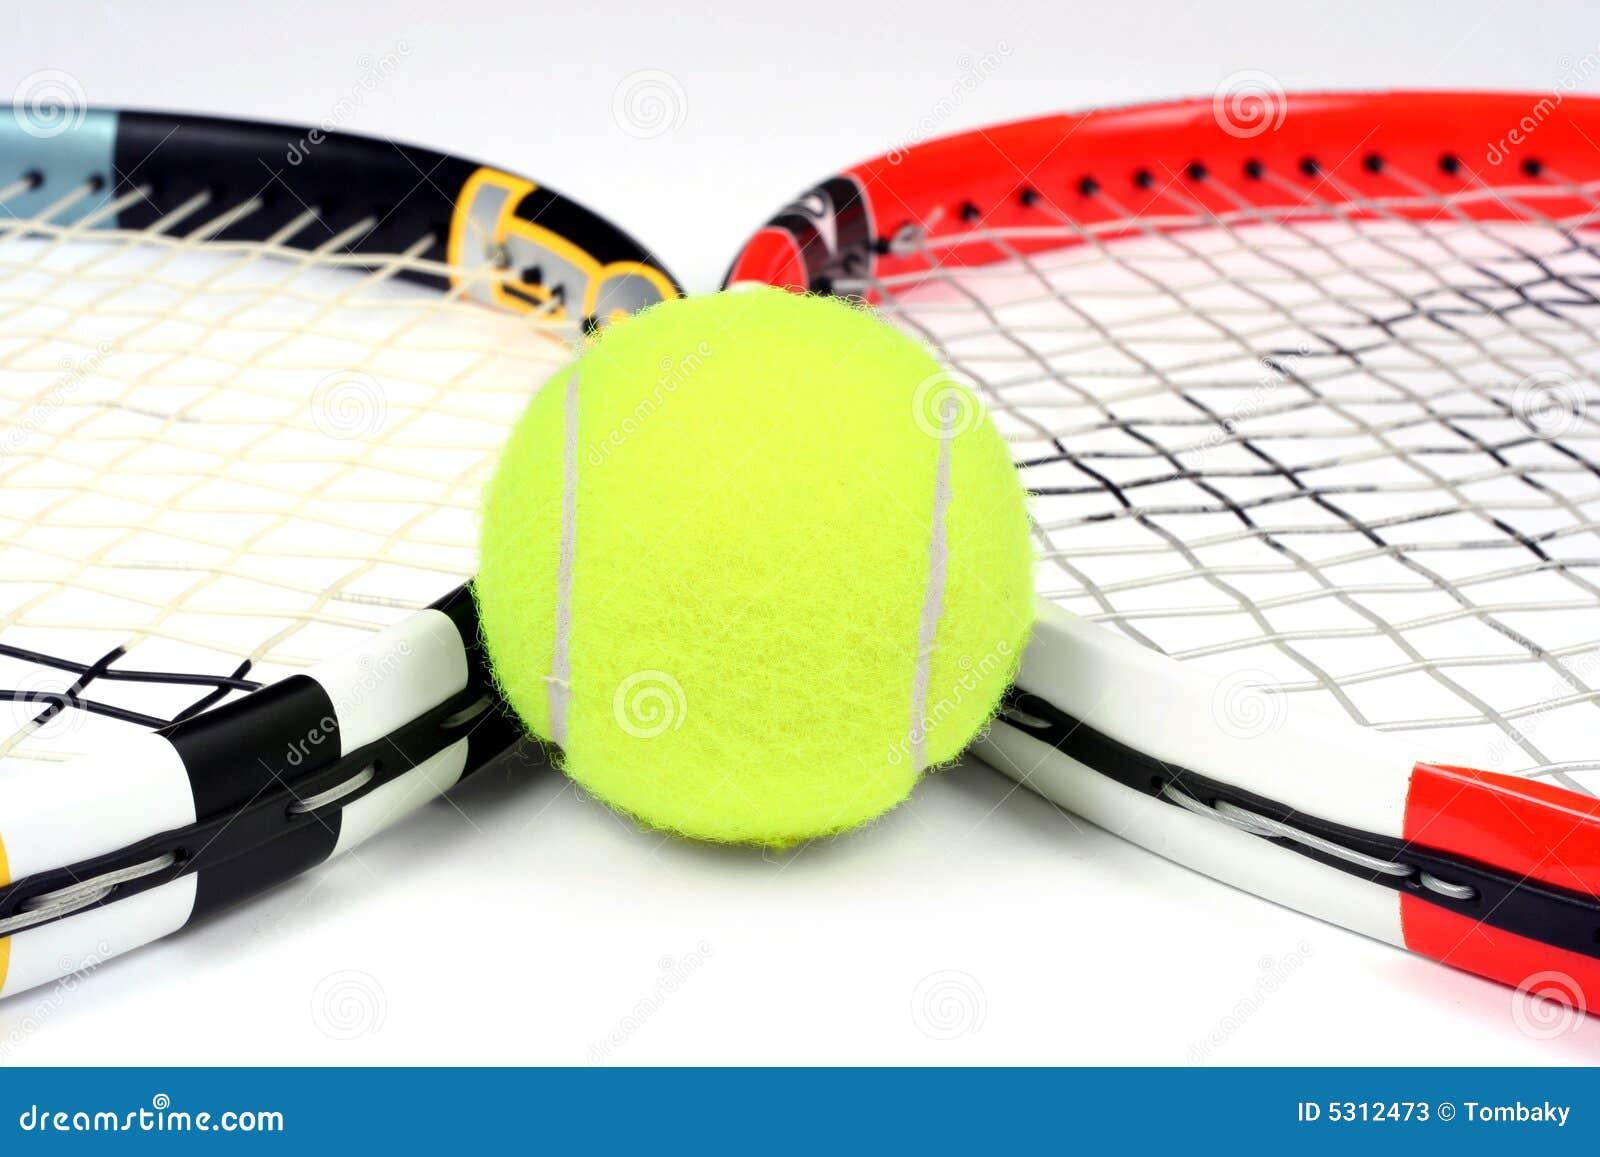 Download Racchetta E Sfera Di Tennis Due Immagine Stock - Immagine di stringed, titanio: 5312473